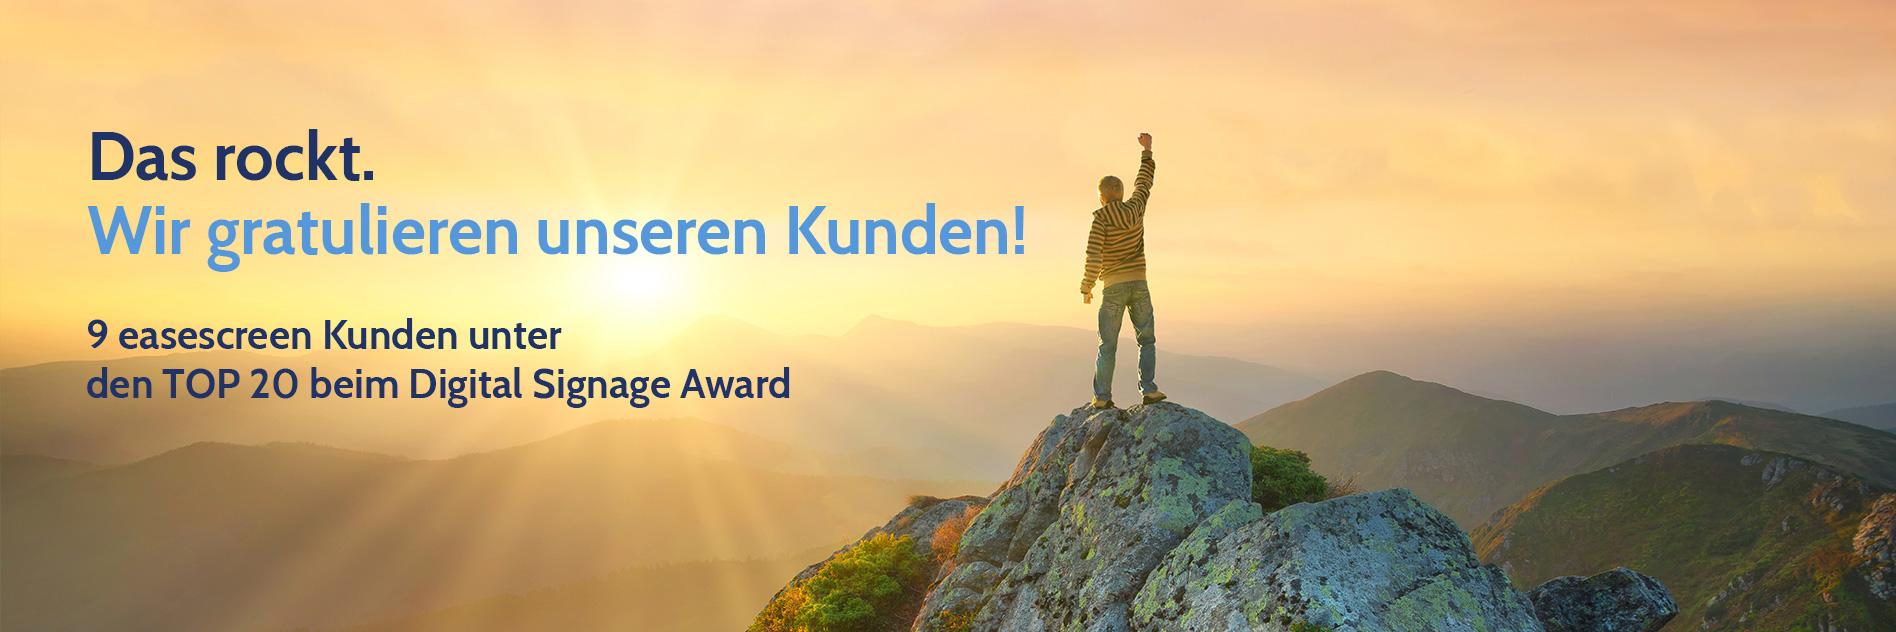 9 von den Top 20 sind easescreen Kunden beim Digital Signage Award 2019